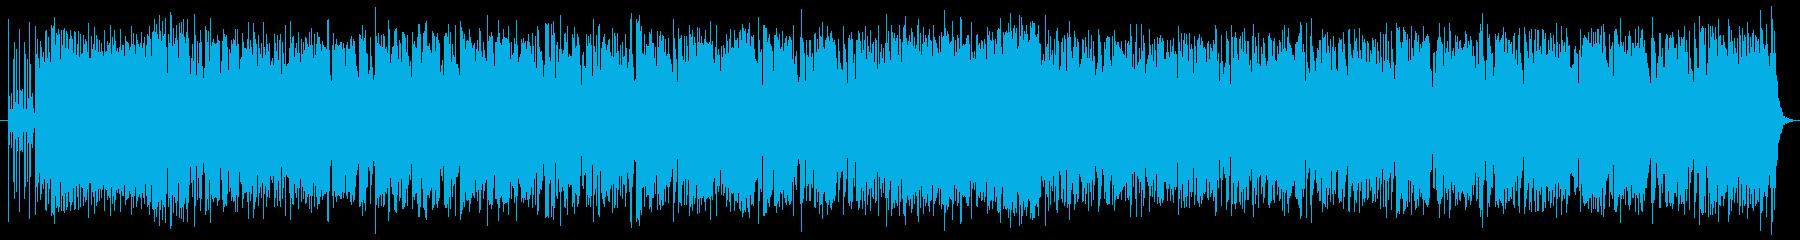 オー・ソレ・ミオのボサノババージョンの再生済みの波形